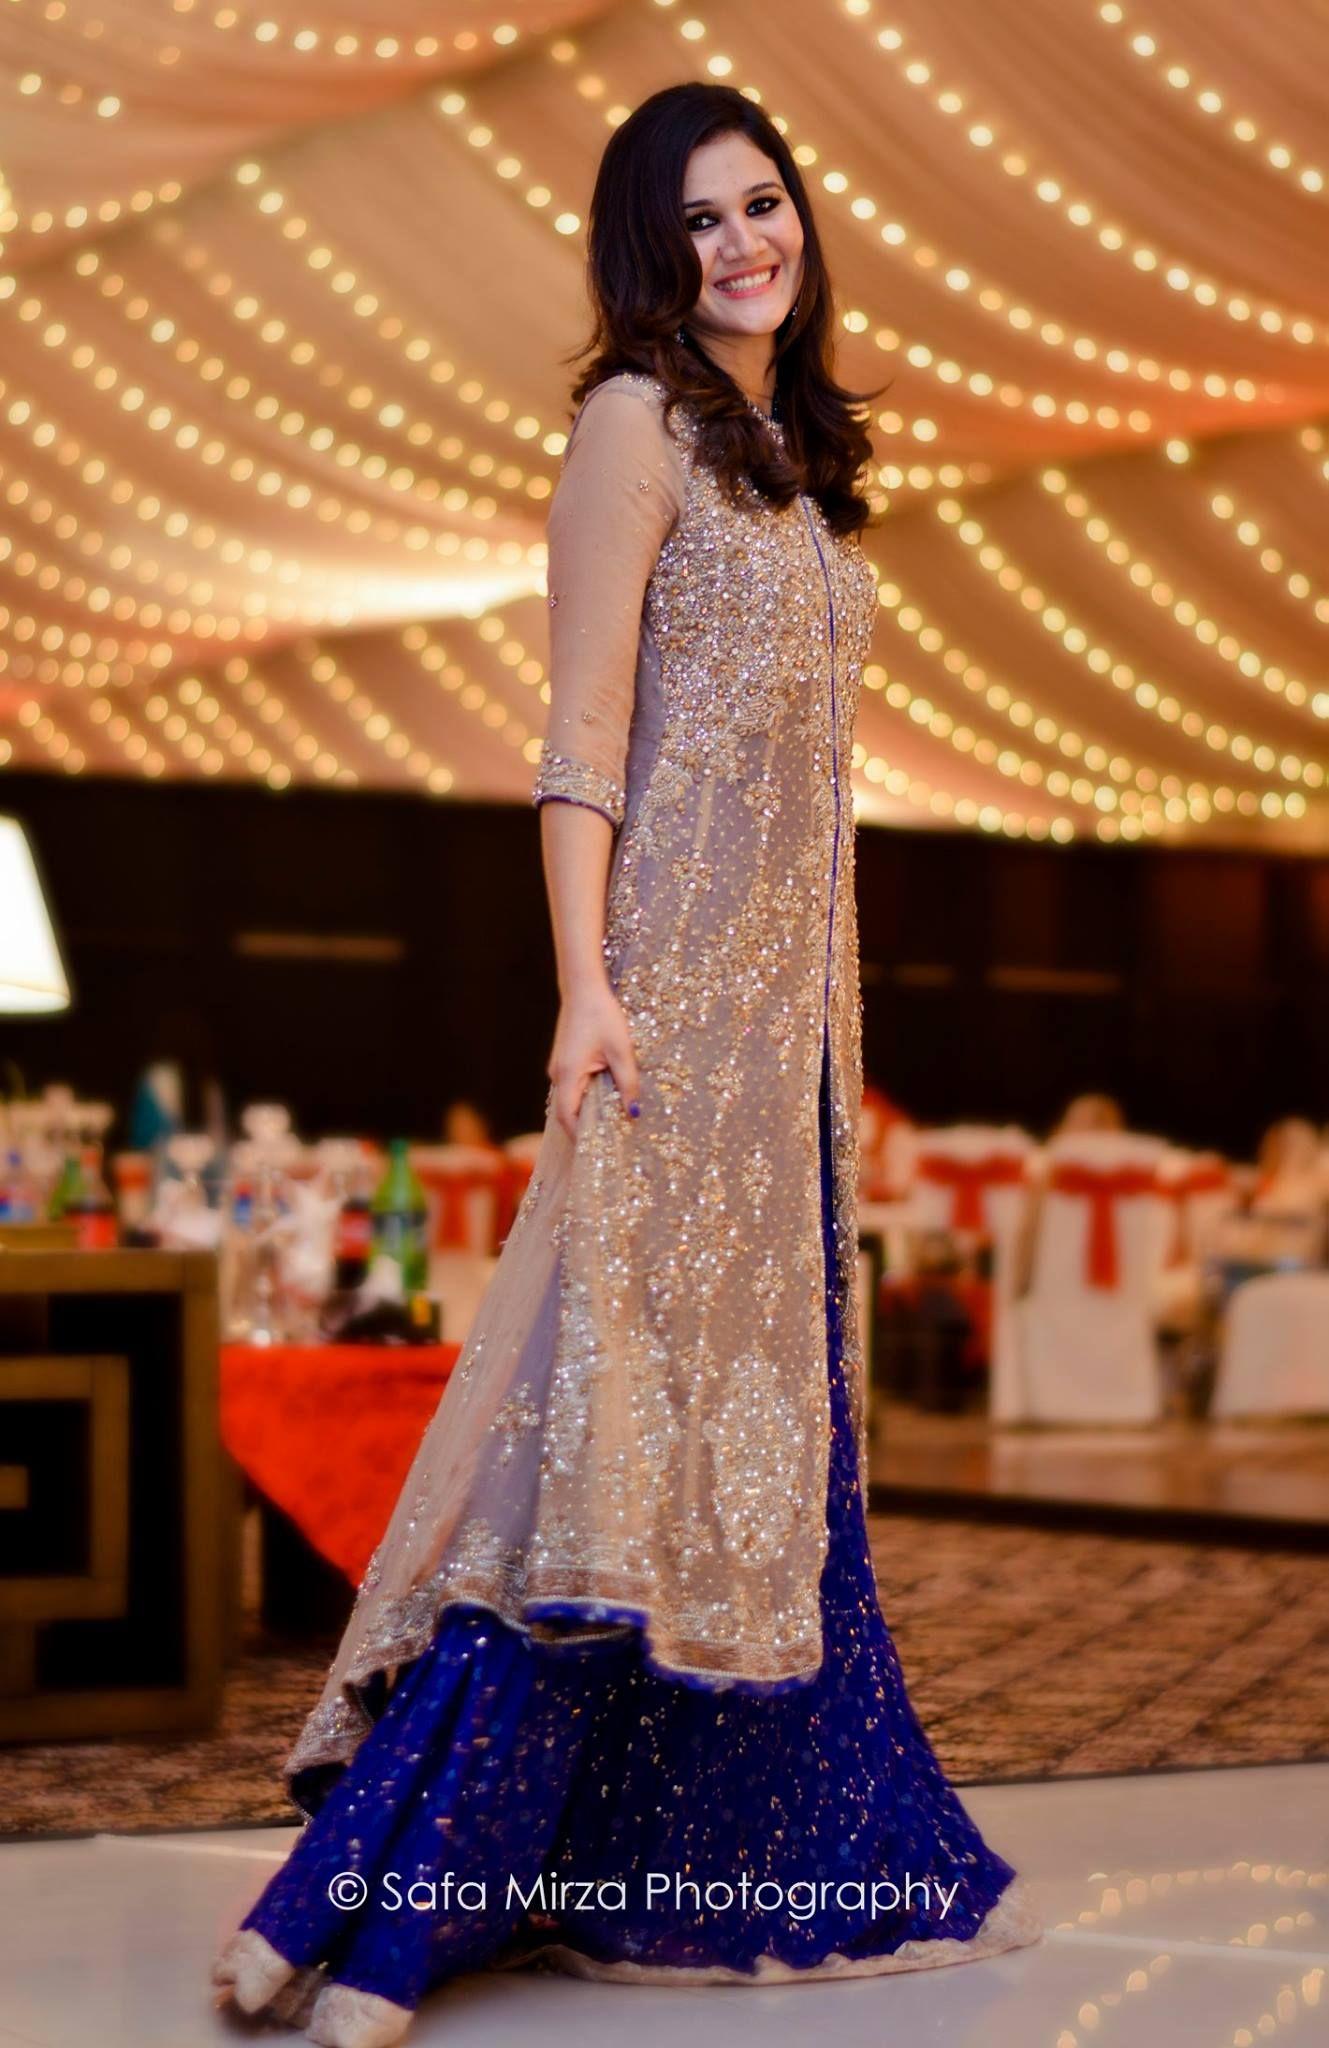 Fashion style Dresses stylish for pakistani weddings for lady